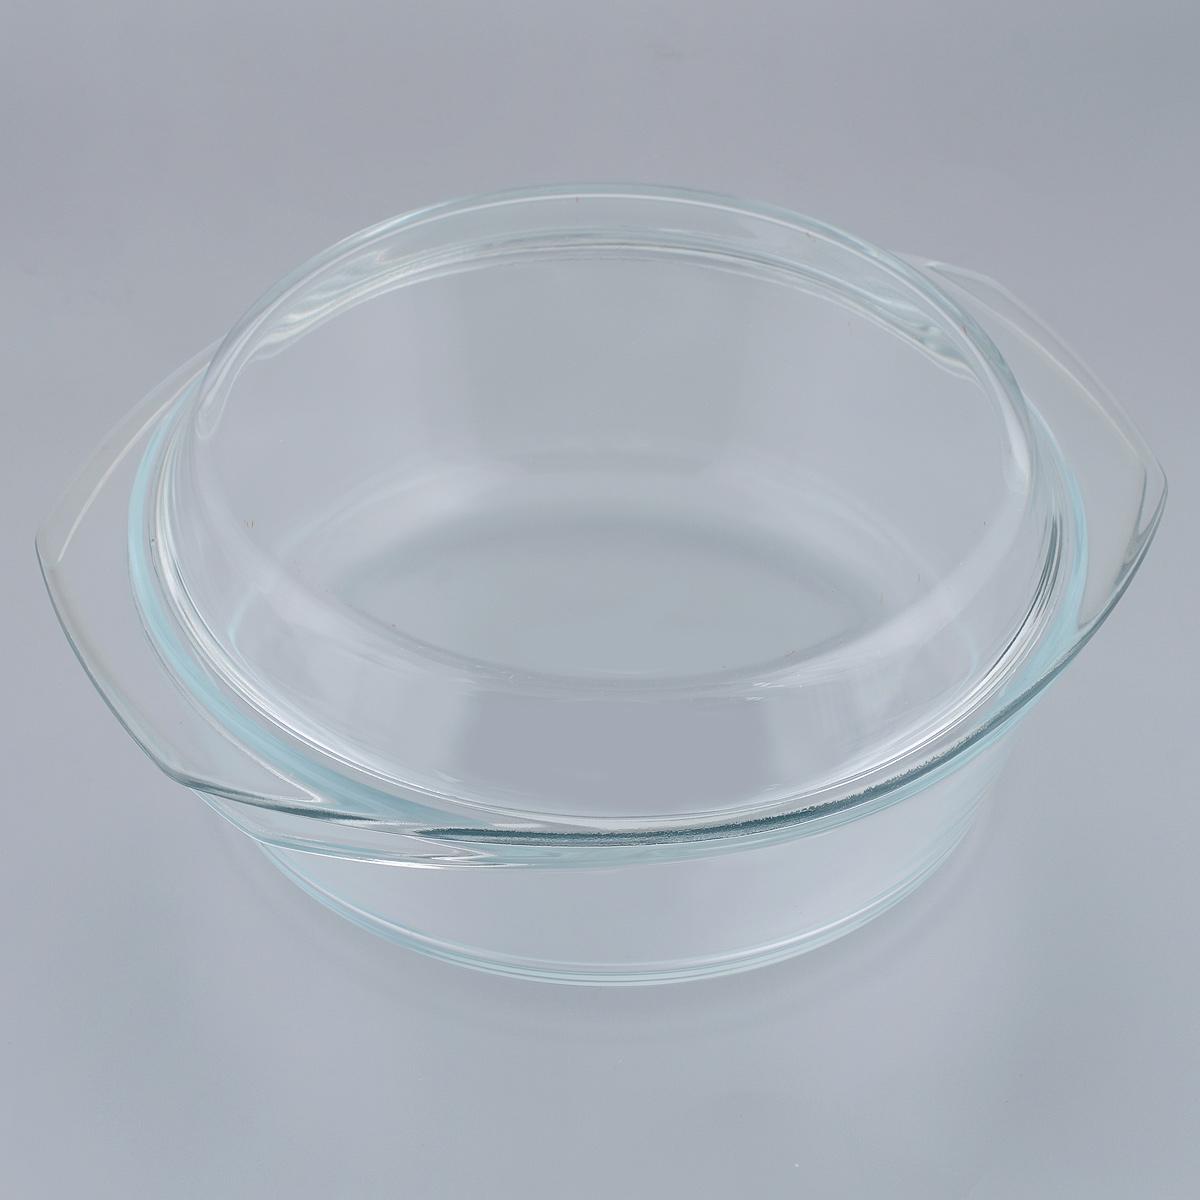 Кастрюля Mijotex с крышкой, 2,5 л54 009312Кастрюля Mijotex изготовлена из экологически чистого жаропрочного стекла и оснащена крышкой, которую также можно использовать как отдельную емкость. Стекло - самый безопасный для здоровья материал. Посуда из стекла не вступает в реакцию с готовящейся пищей, а потому не выделяет никаких вредных веществ, не подвергается воздействию кислот и солей. Из-за невысокой теплопроводности пища в стеклянной посуде гораздо медленнее остывает. Стеклянная посуда очень удобна для приготовления, разогрева и хранения самых разнообразных блюд: супов, вторых блюд, десертов. Используя такую кастрюлю, вы можете не только приготовить в ней пищу, но и подать ее к столу, не меняя посуды. Благодаря гладкой идеально ровной поверхности посуда легко моется. Допускается нагрев посуды до 400°С.Можно использовать в микроволновой печи, духовом шкафу, на газовых конфорках и электроплитах. Можно использовать для хранения в холодильнике и морозильной камере. Можно мыть в посудомоечной машине. Высота стенок кастрюли: 7,5 см. Высота кастрюли (с учетом крышки): 11,5 см. Ширина кастрюли (с учетом ручек): 28 см. Толщина стенок: 6 мм.Толщина дна: 6 мм.